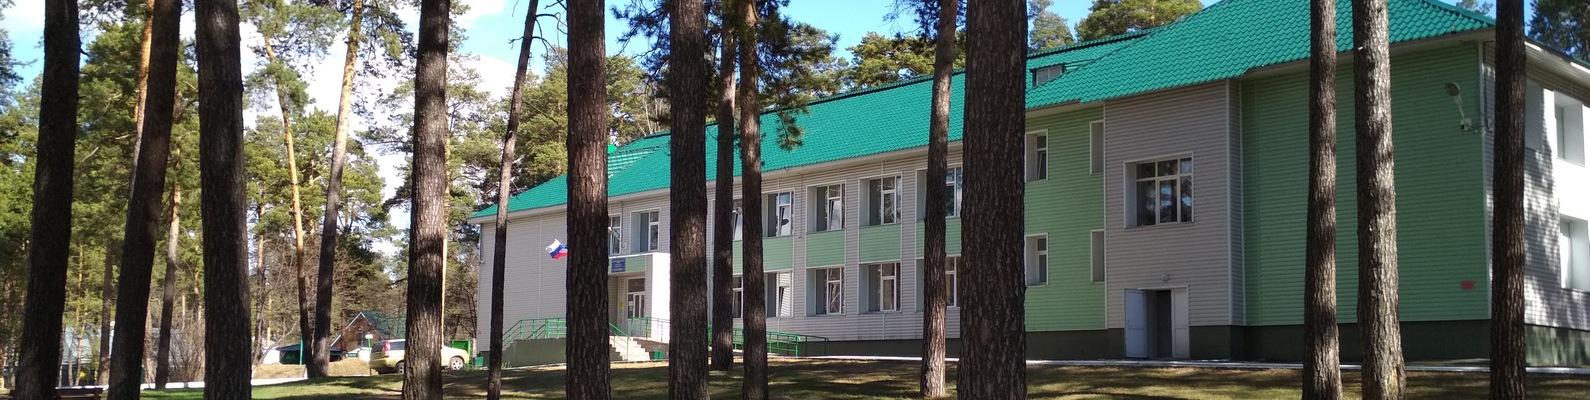 санаторий обские зори в новосибирске фото временем